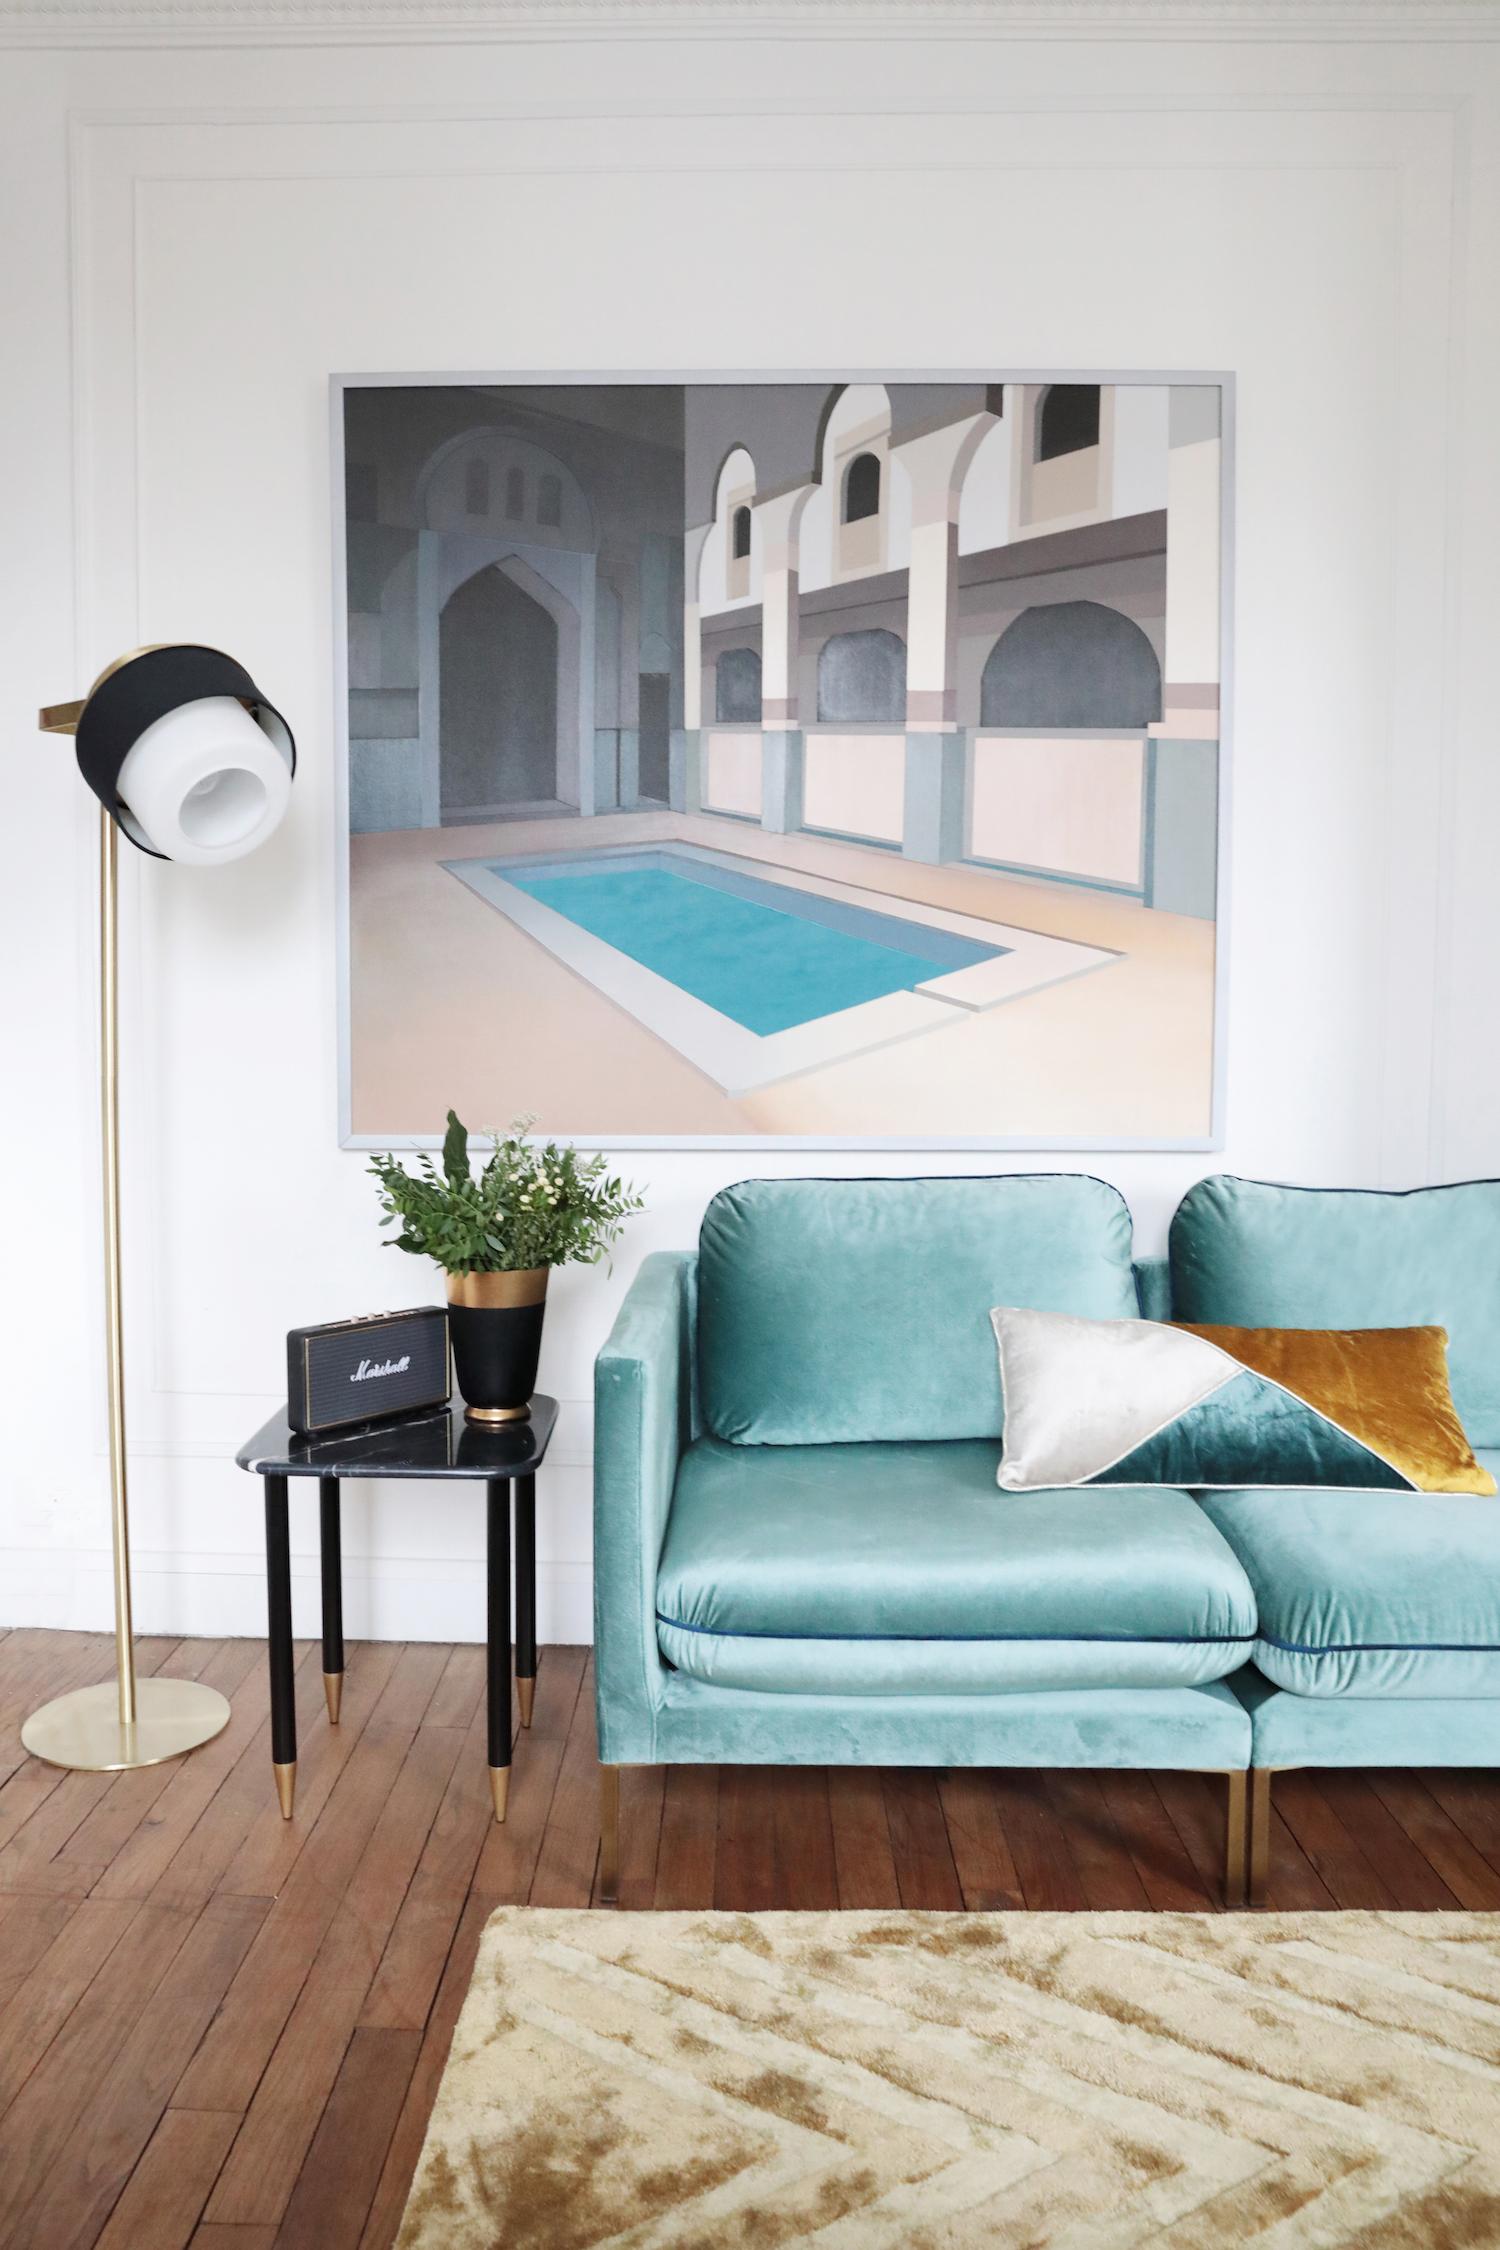 bienvenue dans l 39 appartement glamour de camille omerin de maison p re. Black Bedroom Furniture Sets. Home Design Ideas